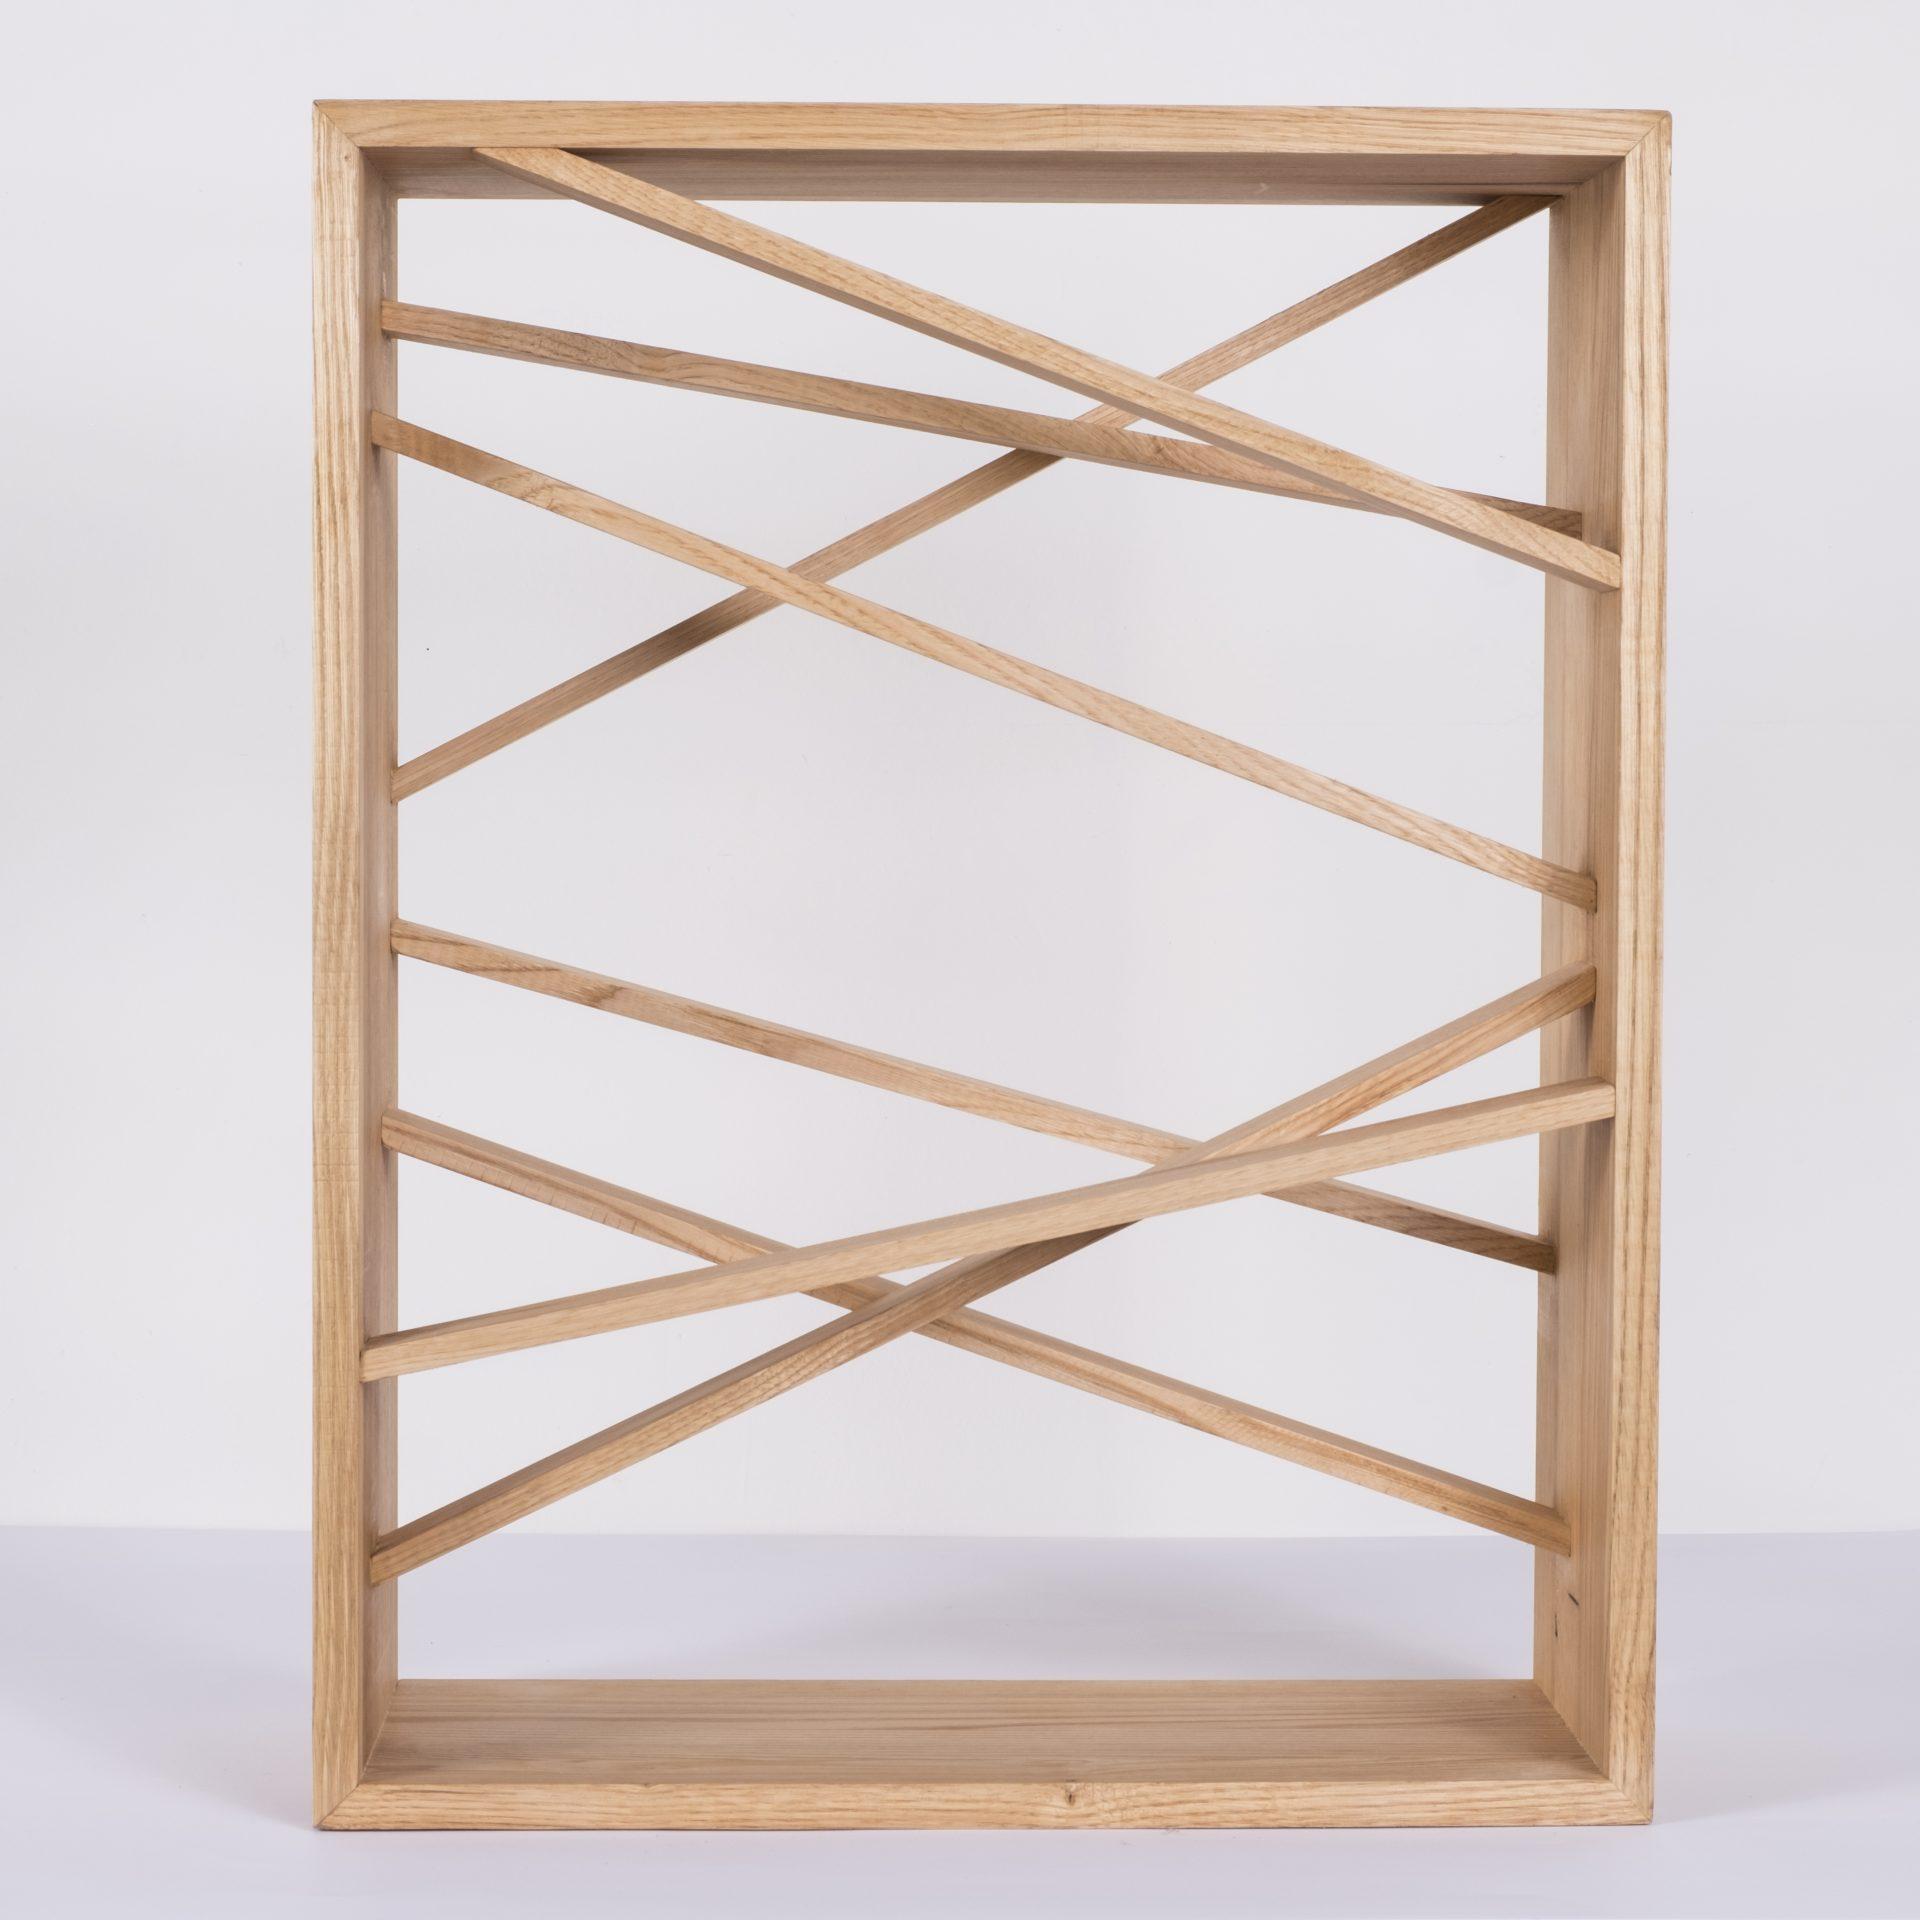 Unlimited in Dynamo<br>RMR22<br>misure: circa 44 x 56 cm<br>tecnica: legno castagno <br>anno: 2018<br><br>DISPONIBILE